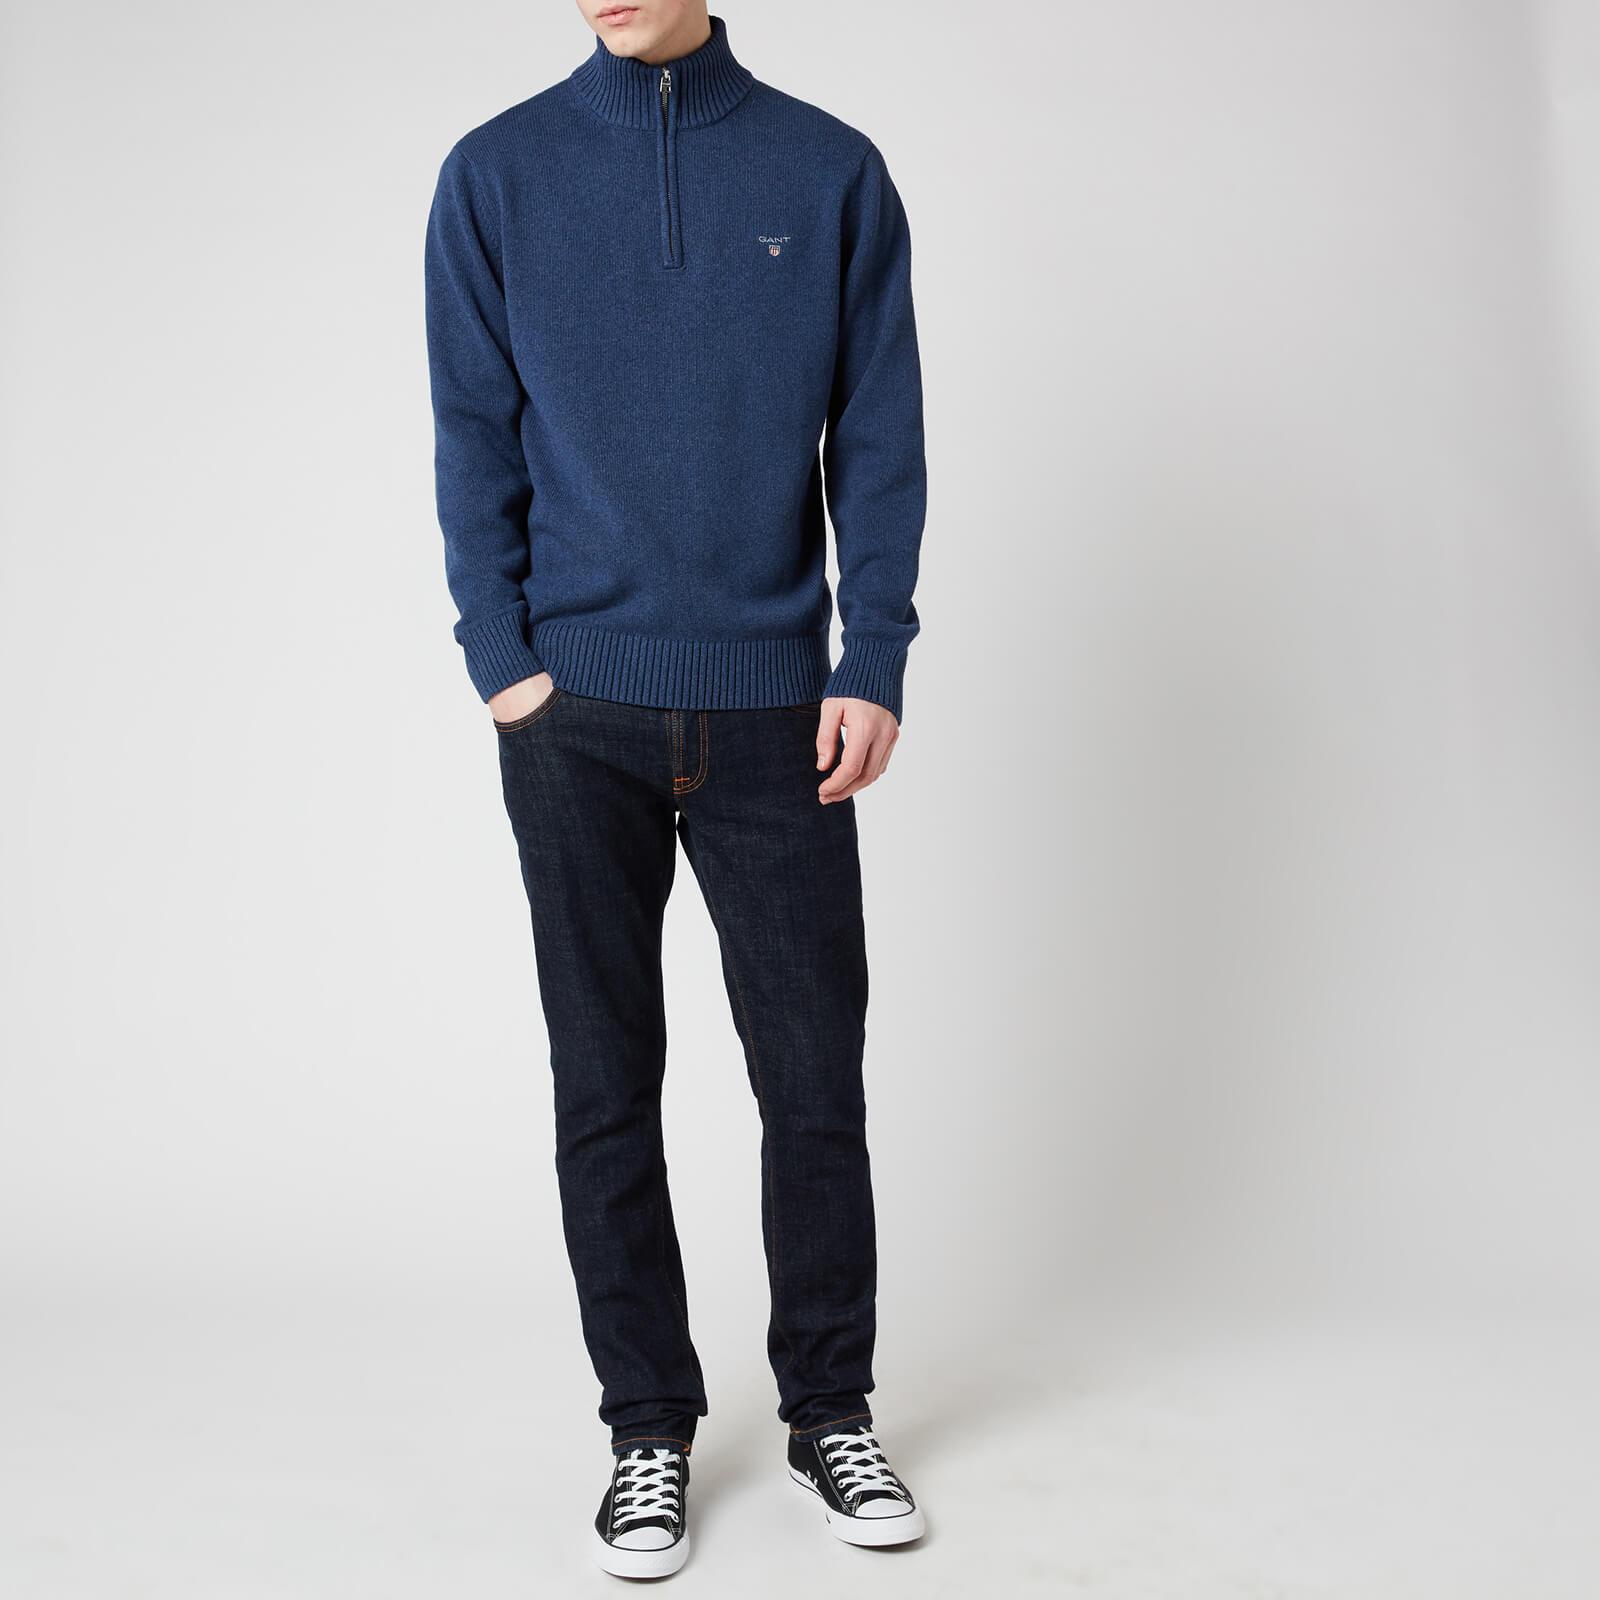 Gant Men's Casual Cotton Half Zip Sweatshirt - Marine Melange - S